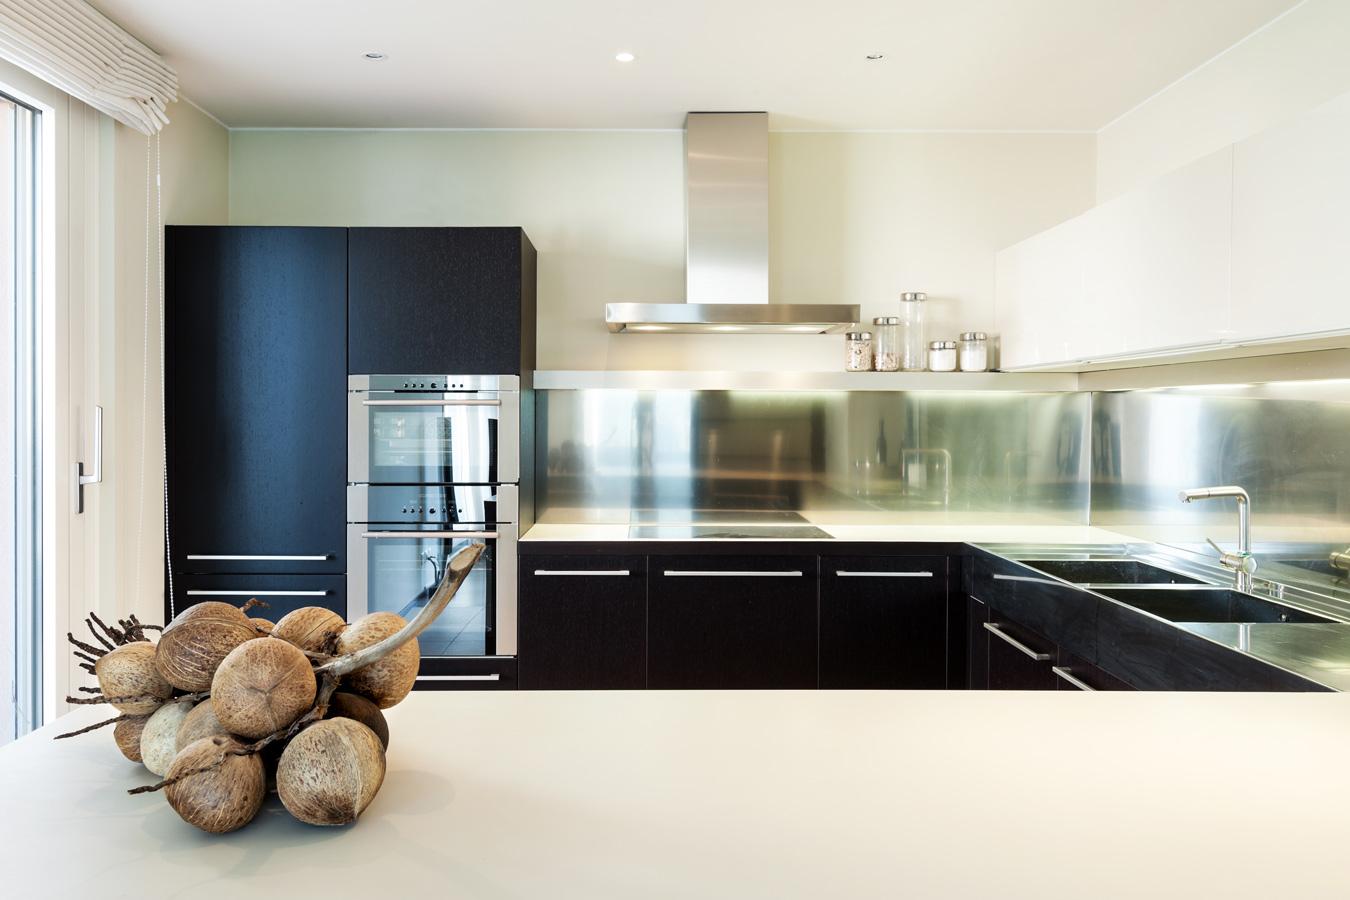 Moderne keukens ideeën inspiratie